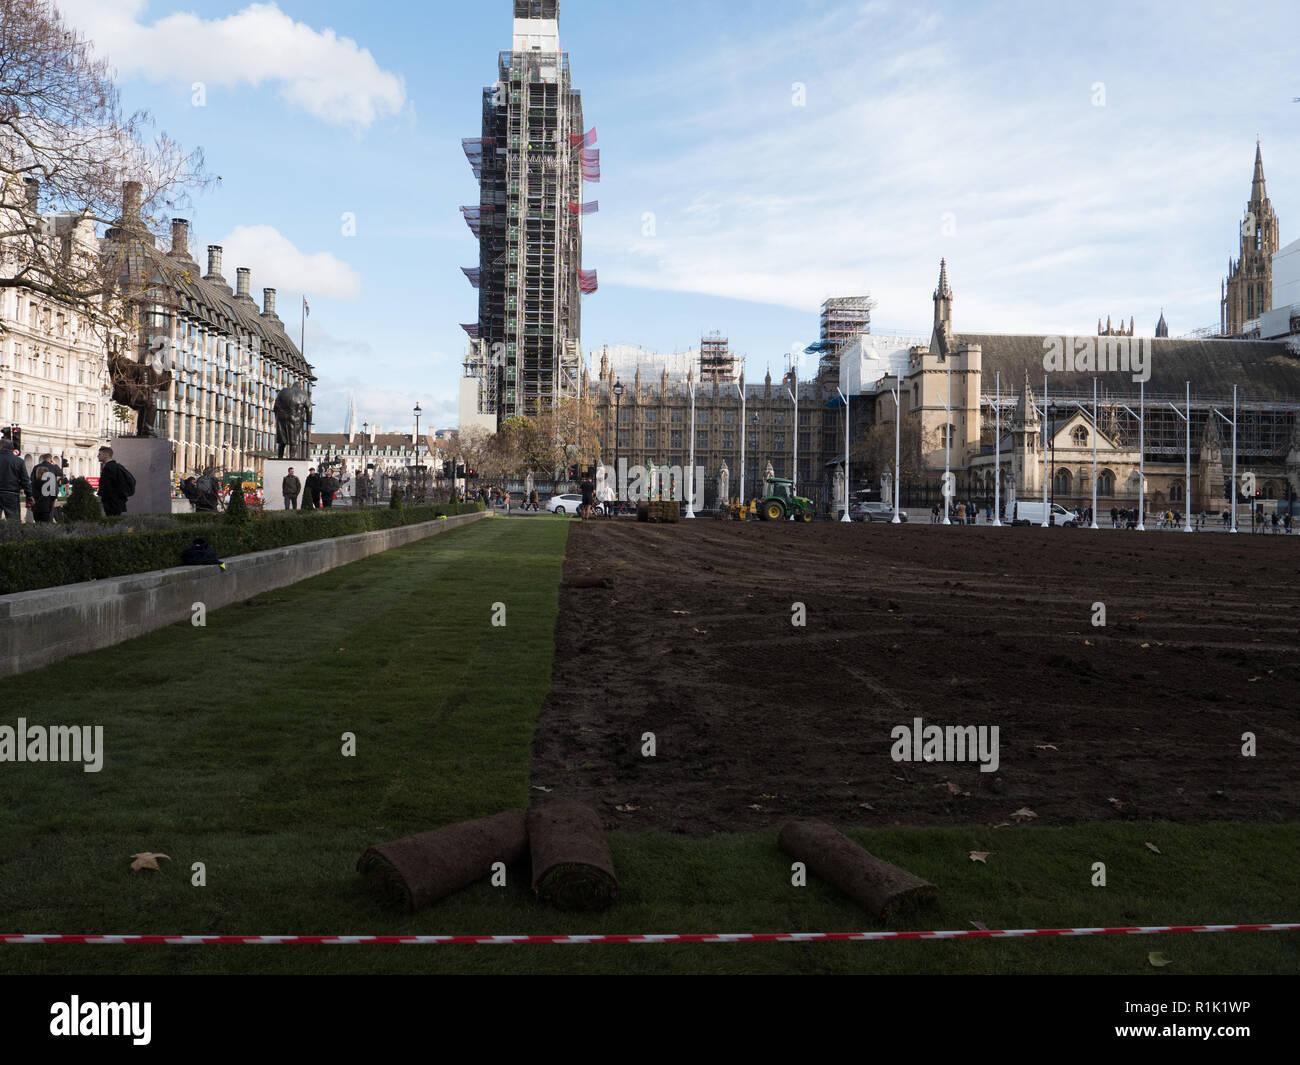 Londra, Regno Unito. Il 13 novembre 2018. Il prato nel centro della piazza del Parlamento di essere sostituito dopo diversi anni. Il vecchio erba era usurata e ha sofferto molto durante questo anno estate secca. Dopo il ribaltamento e livellamento del terreno, il nuovo manto erboso viene prevista. Il lavoro sarà completato questo giovedì. Credito: Joe Kuis /Alamy Live News Foto Stock